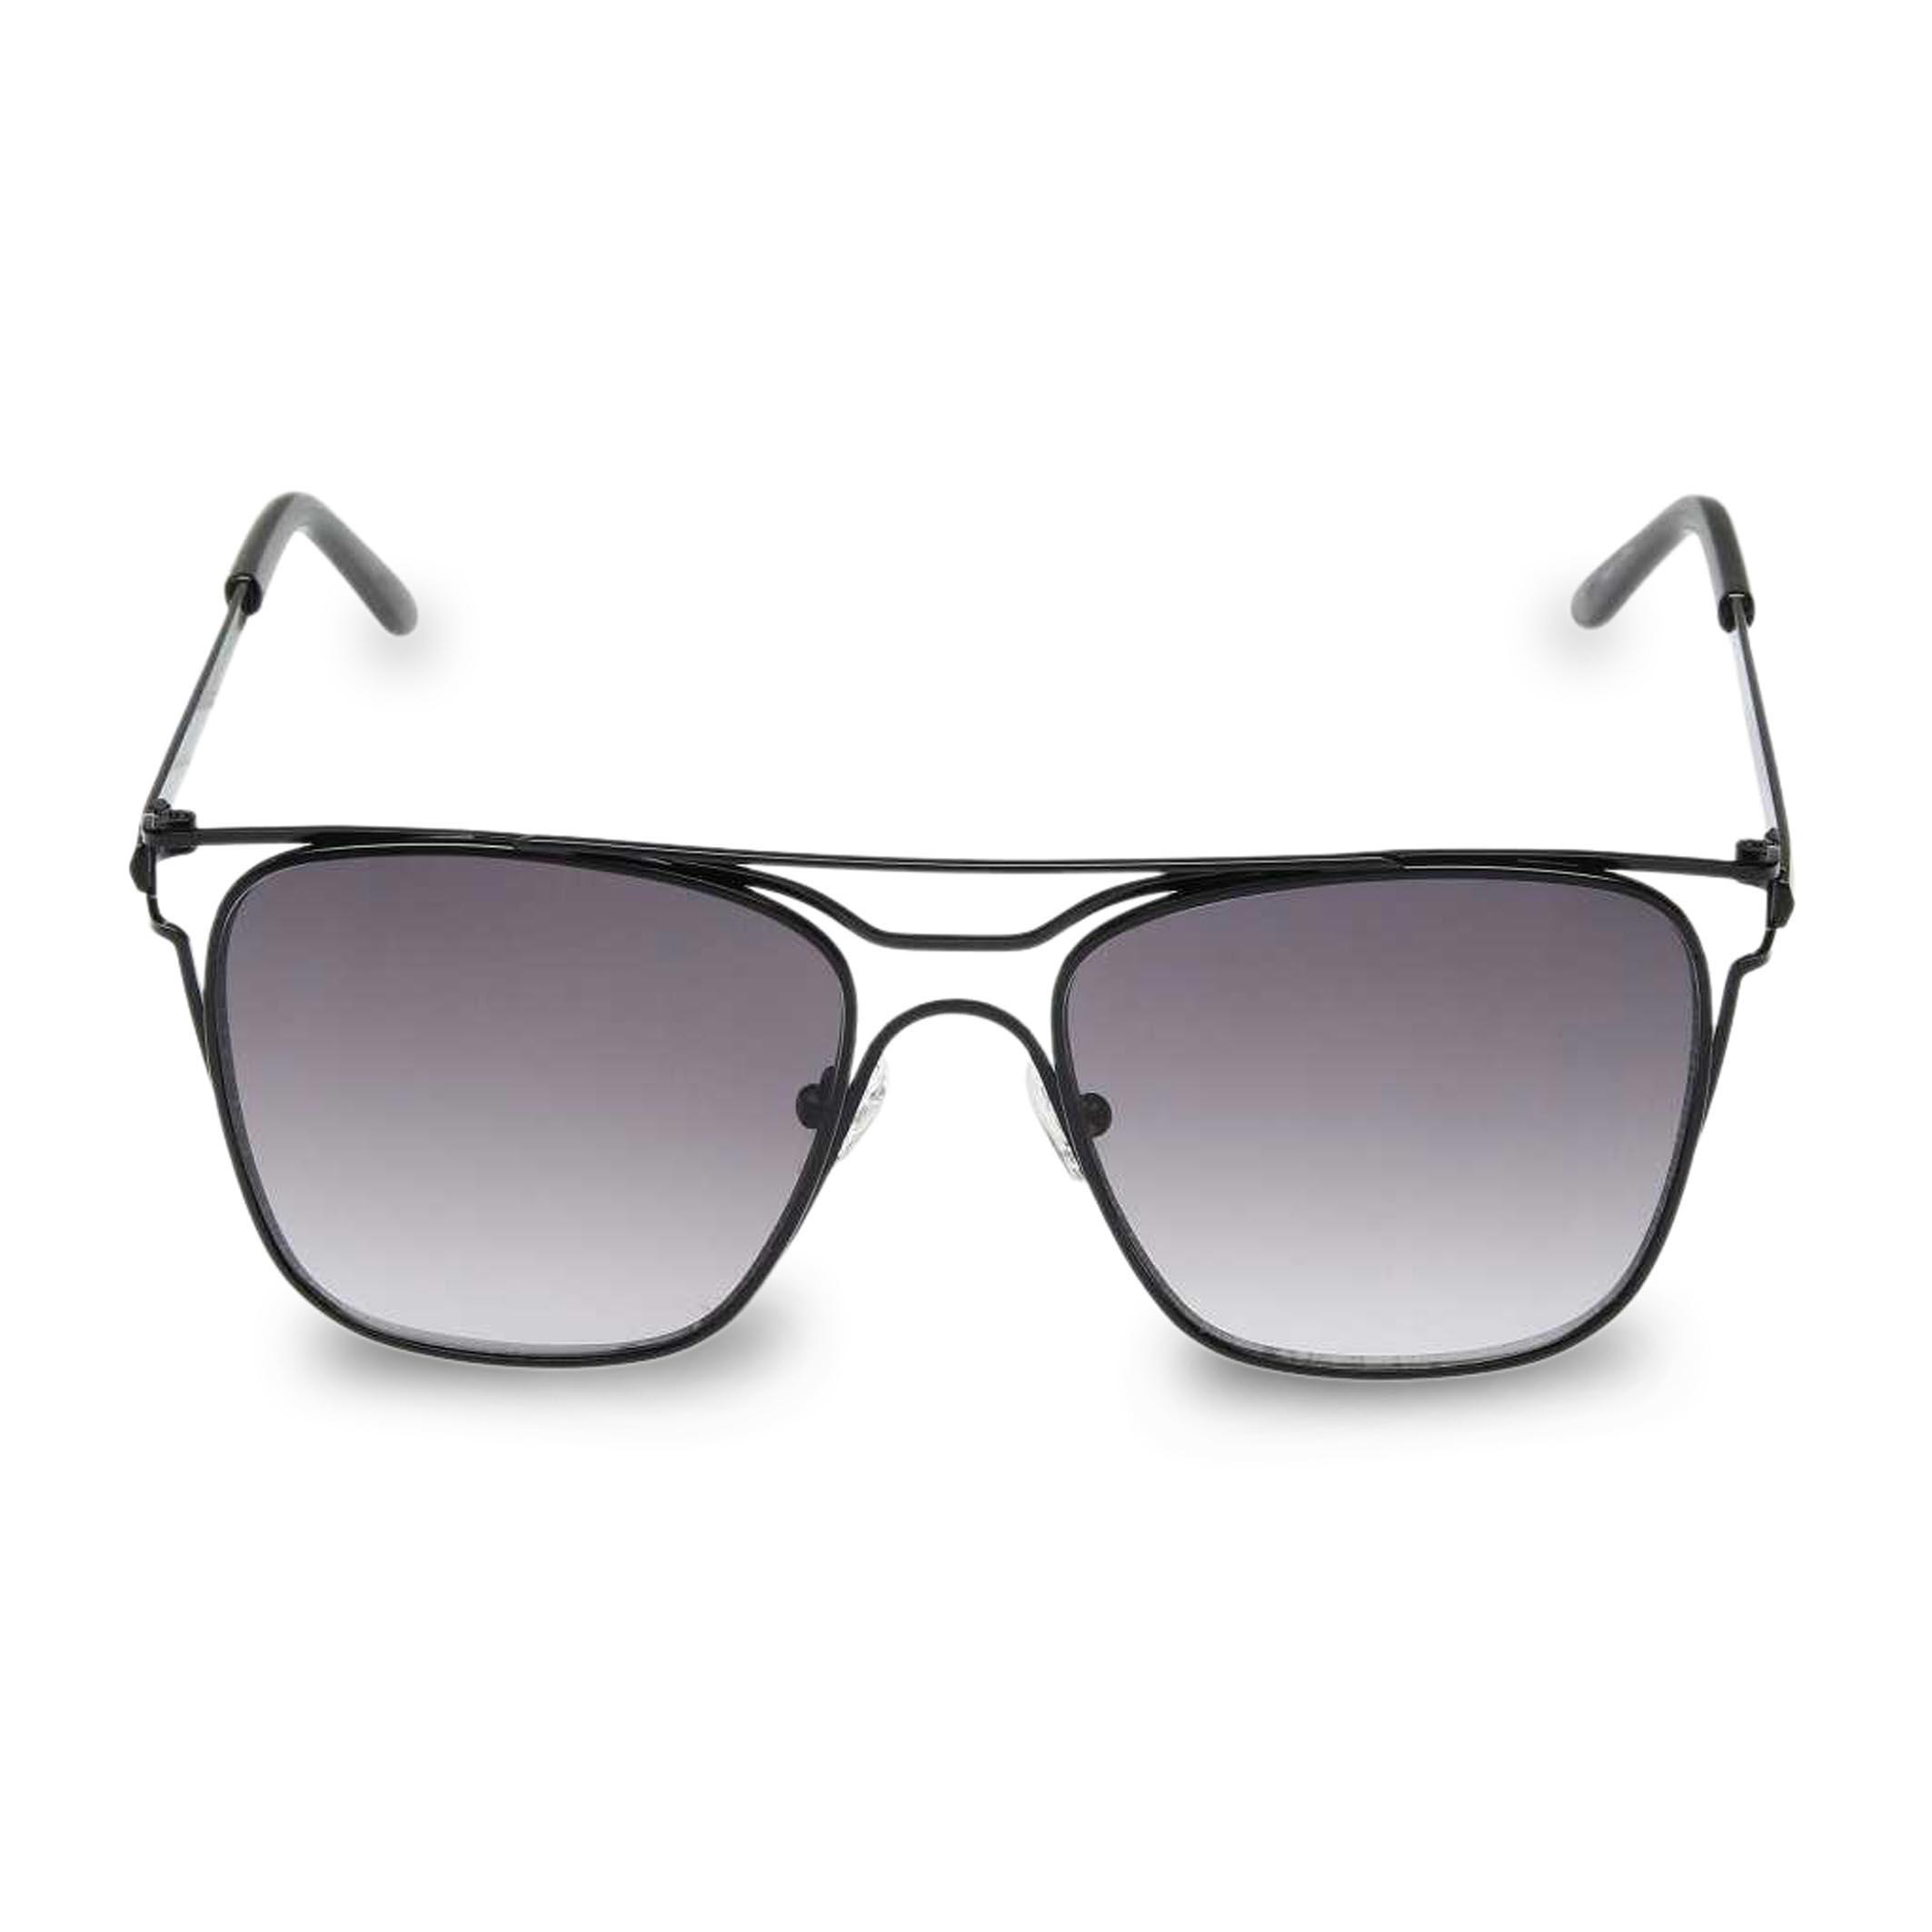 Guess lunettes de soleil Hommes Blanc